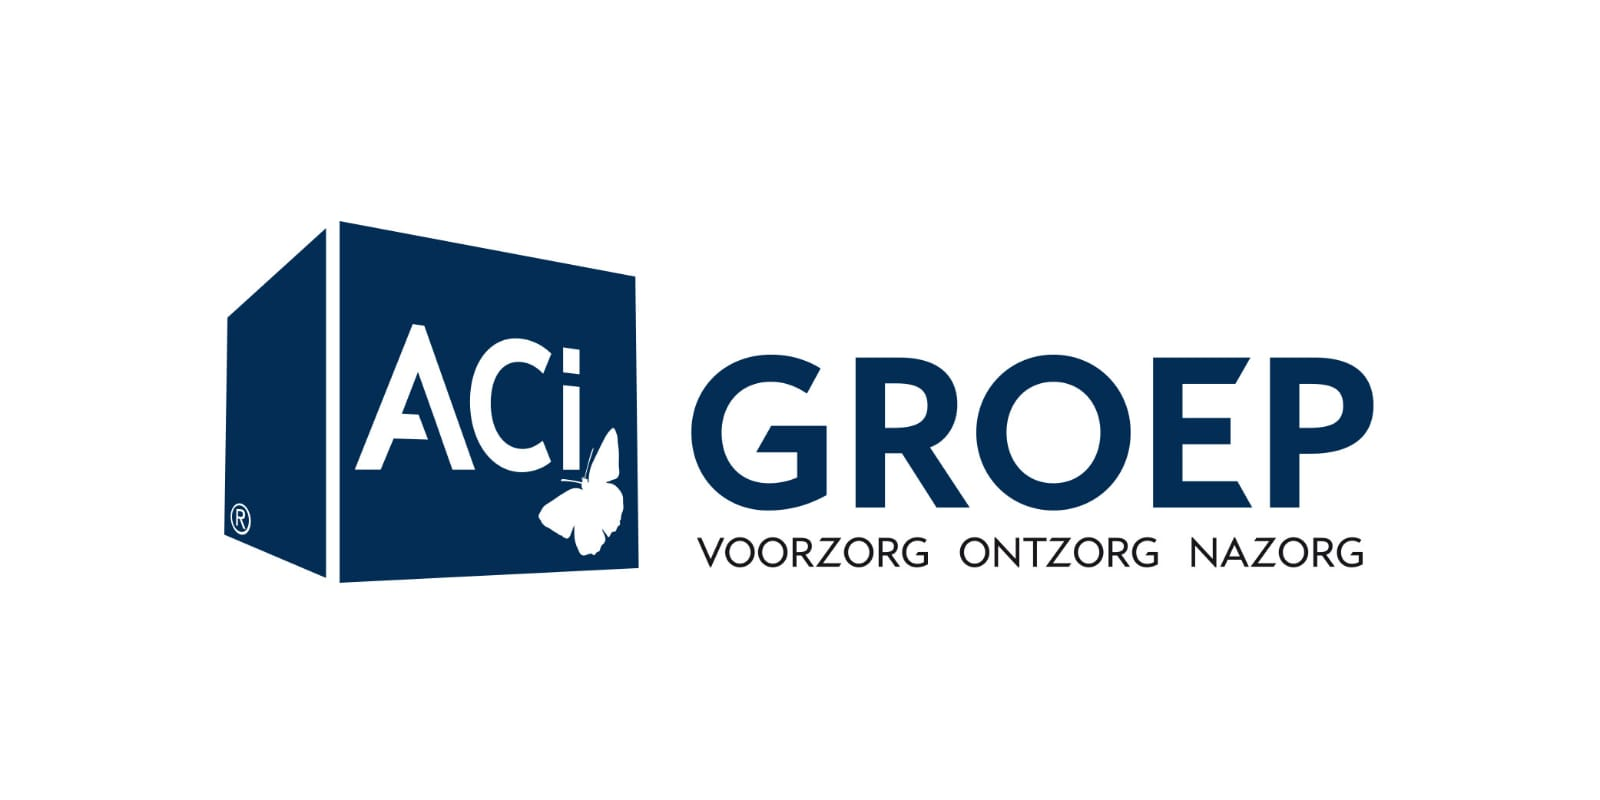 ACi Groep | Sponsor van TEC